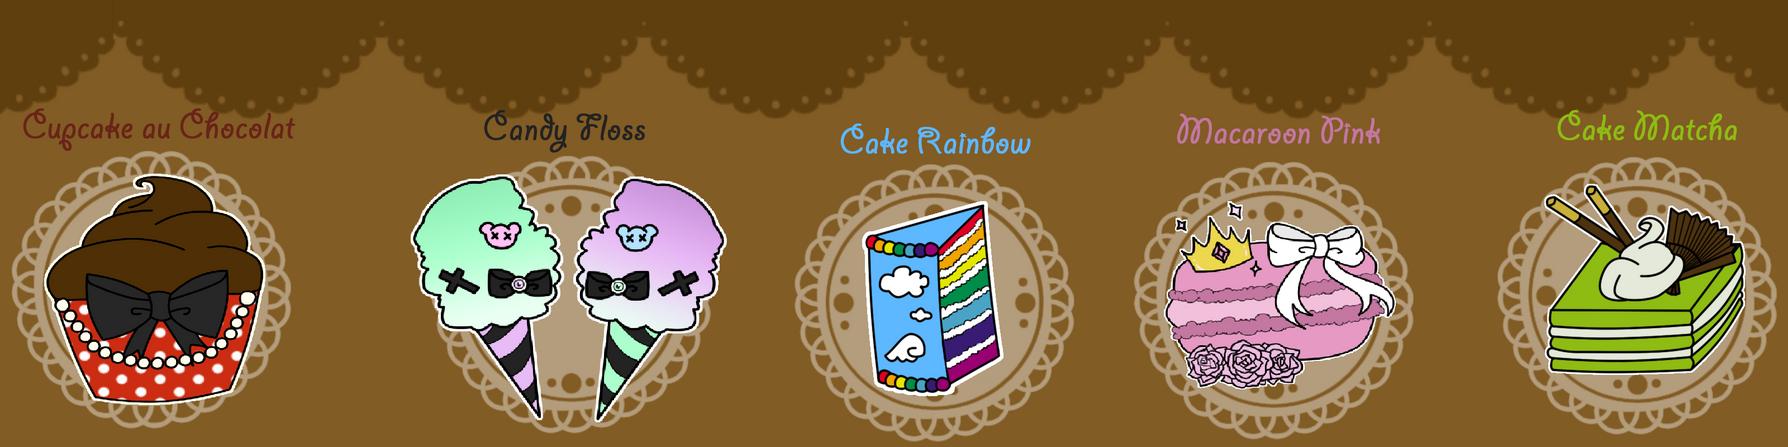 Rainbow Cake Peut On Le Faire La Veille